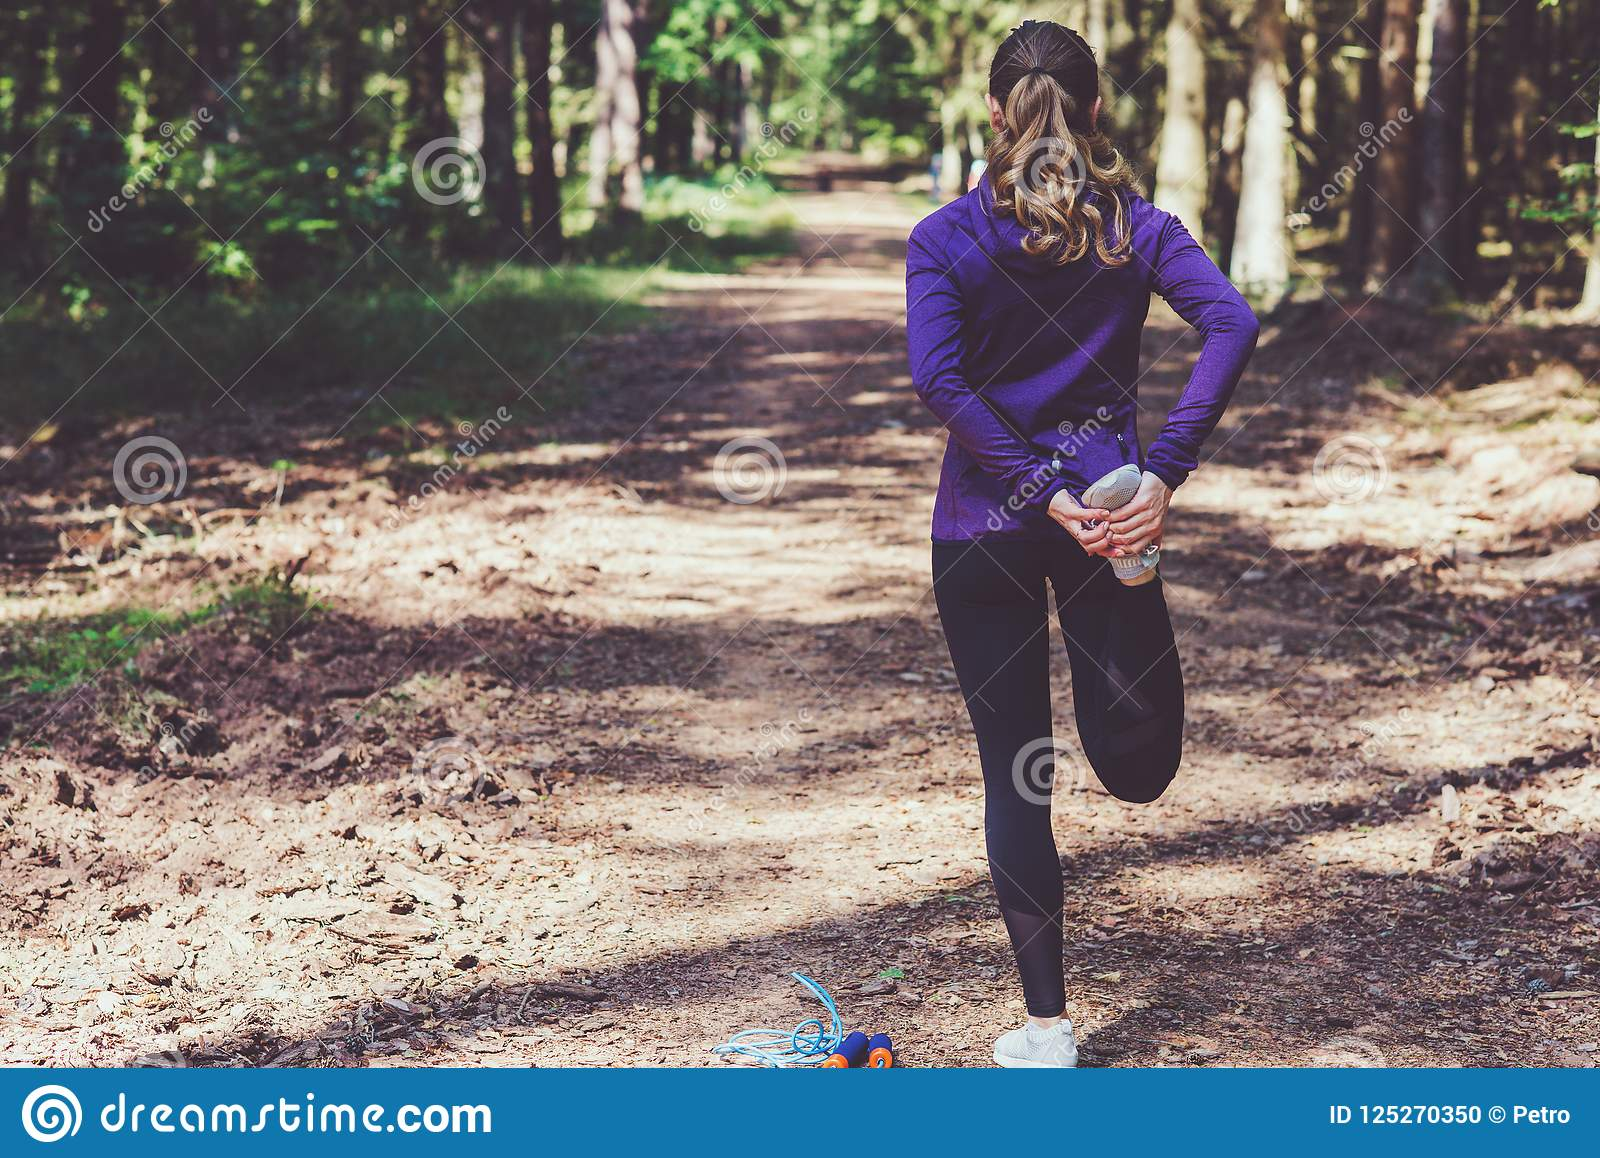 Junge Frau, die Übungen im sonnigen Wald rüttelt und macht